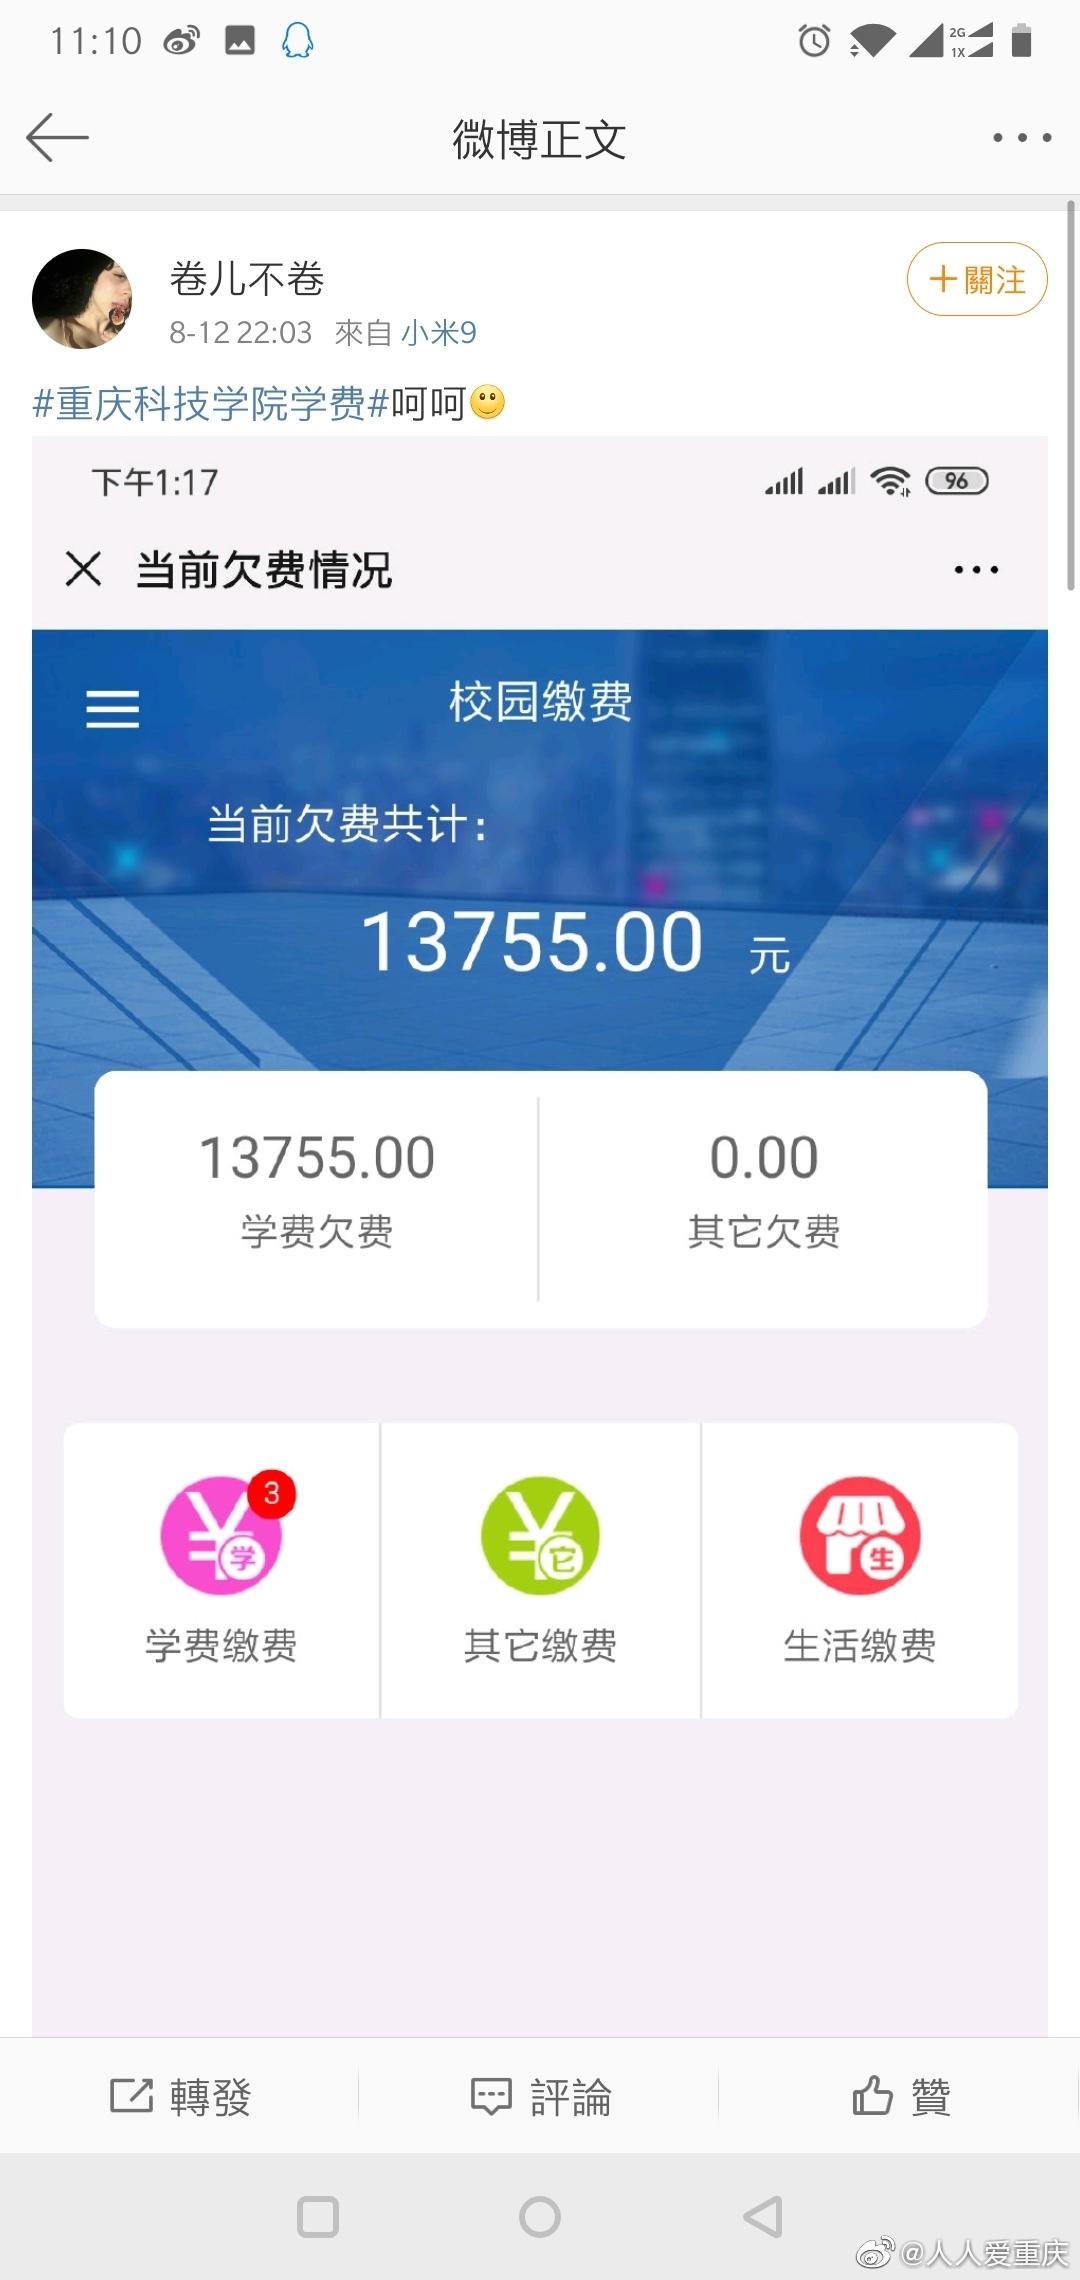 网友爆料:重庆科技学院突然学费上涨,没有通知,没有学费明细